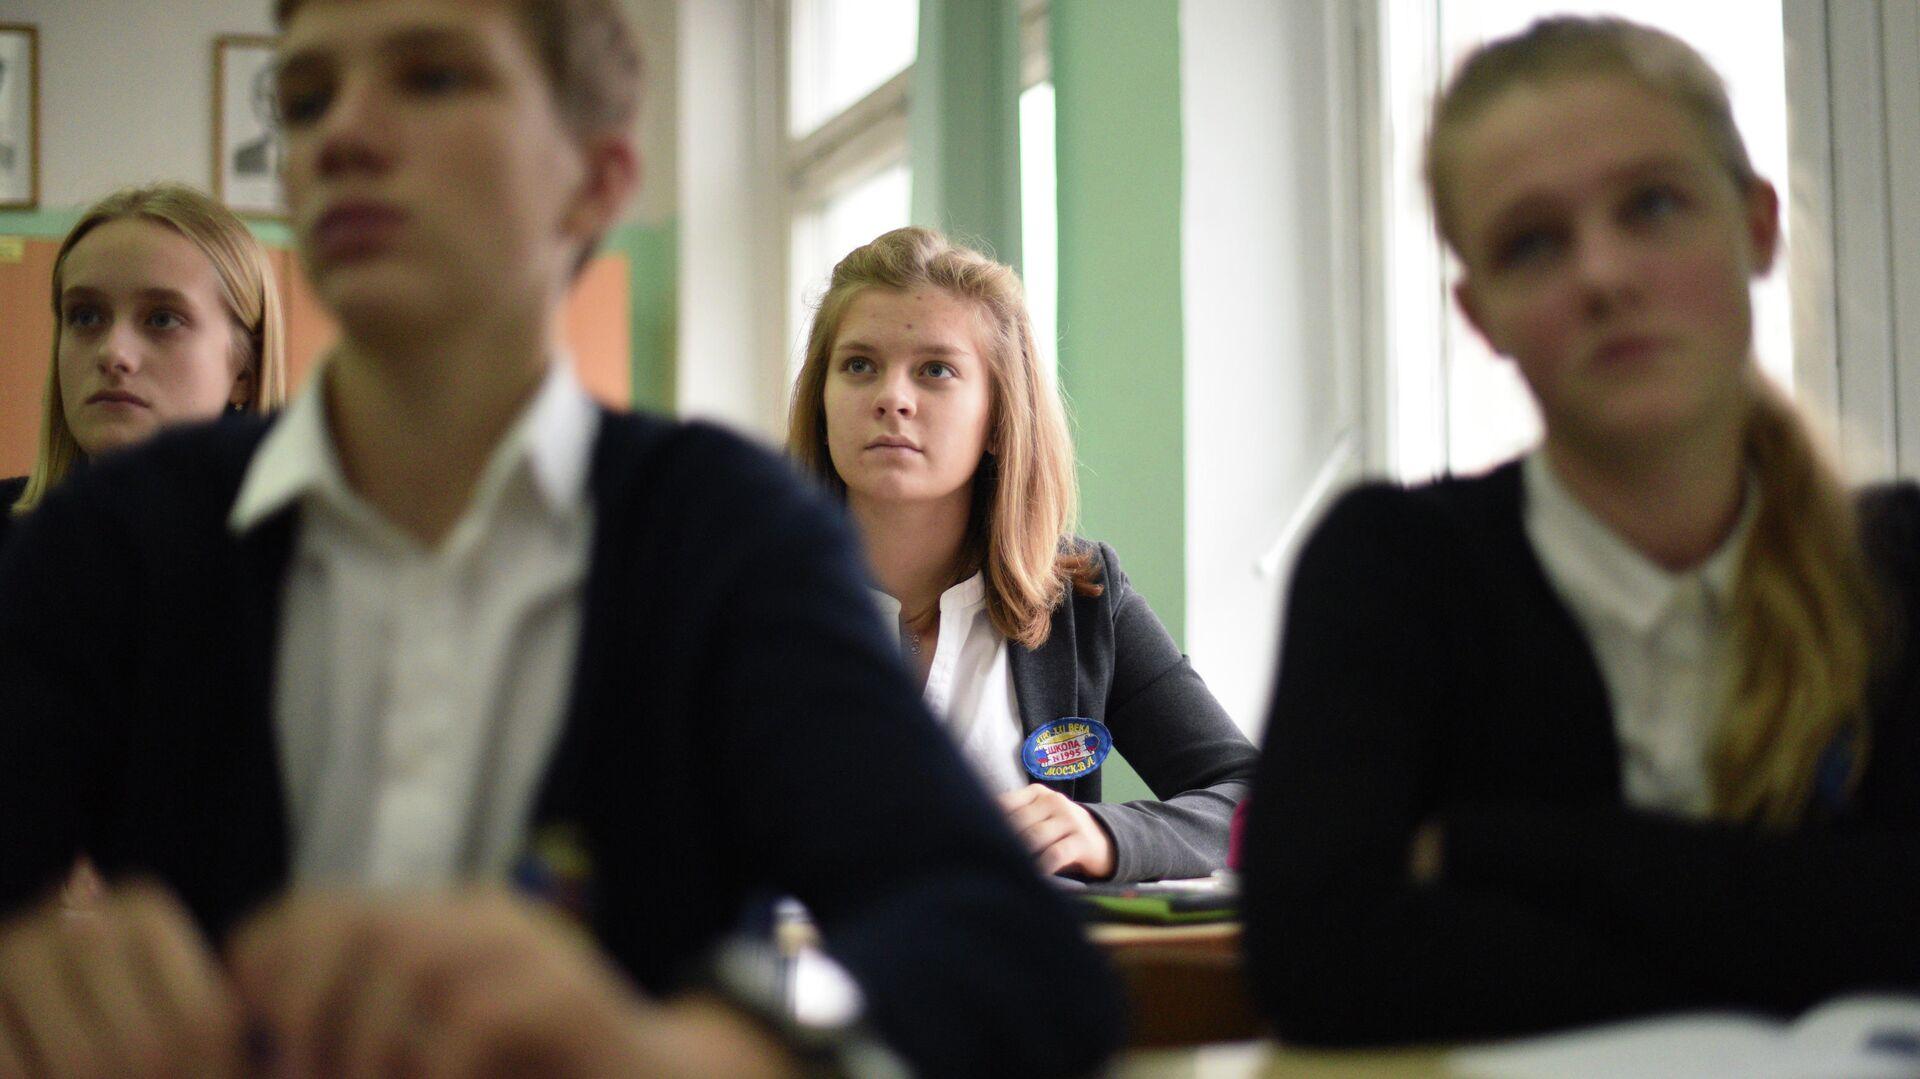 Учащиеся школы во время урока - РИА Новости, 1920, 01.03.2021